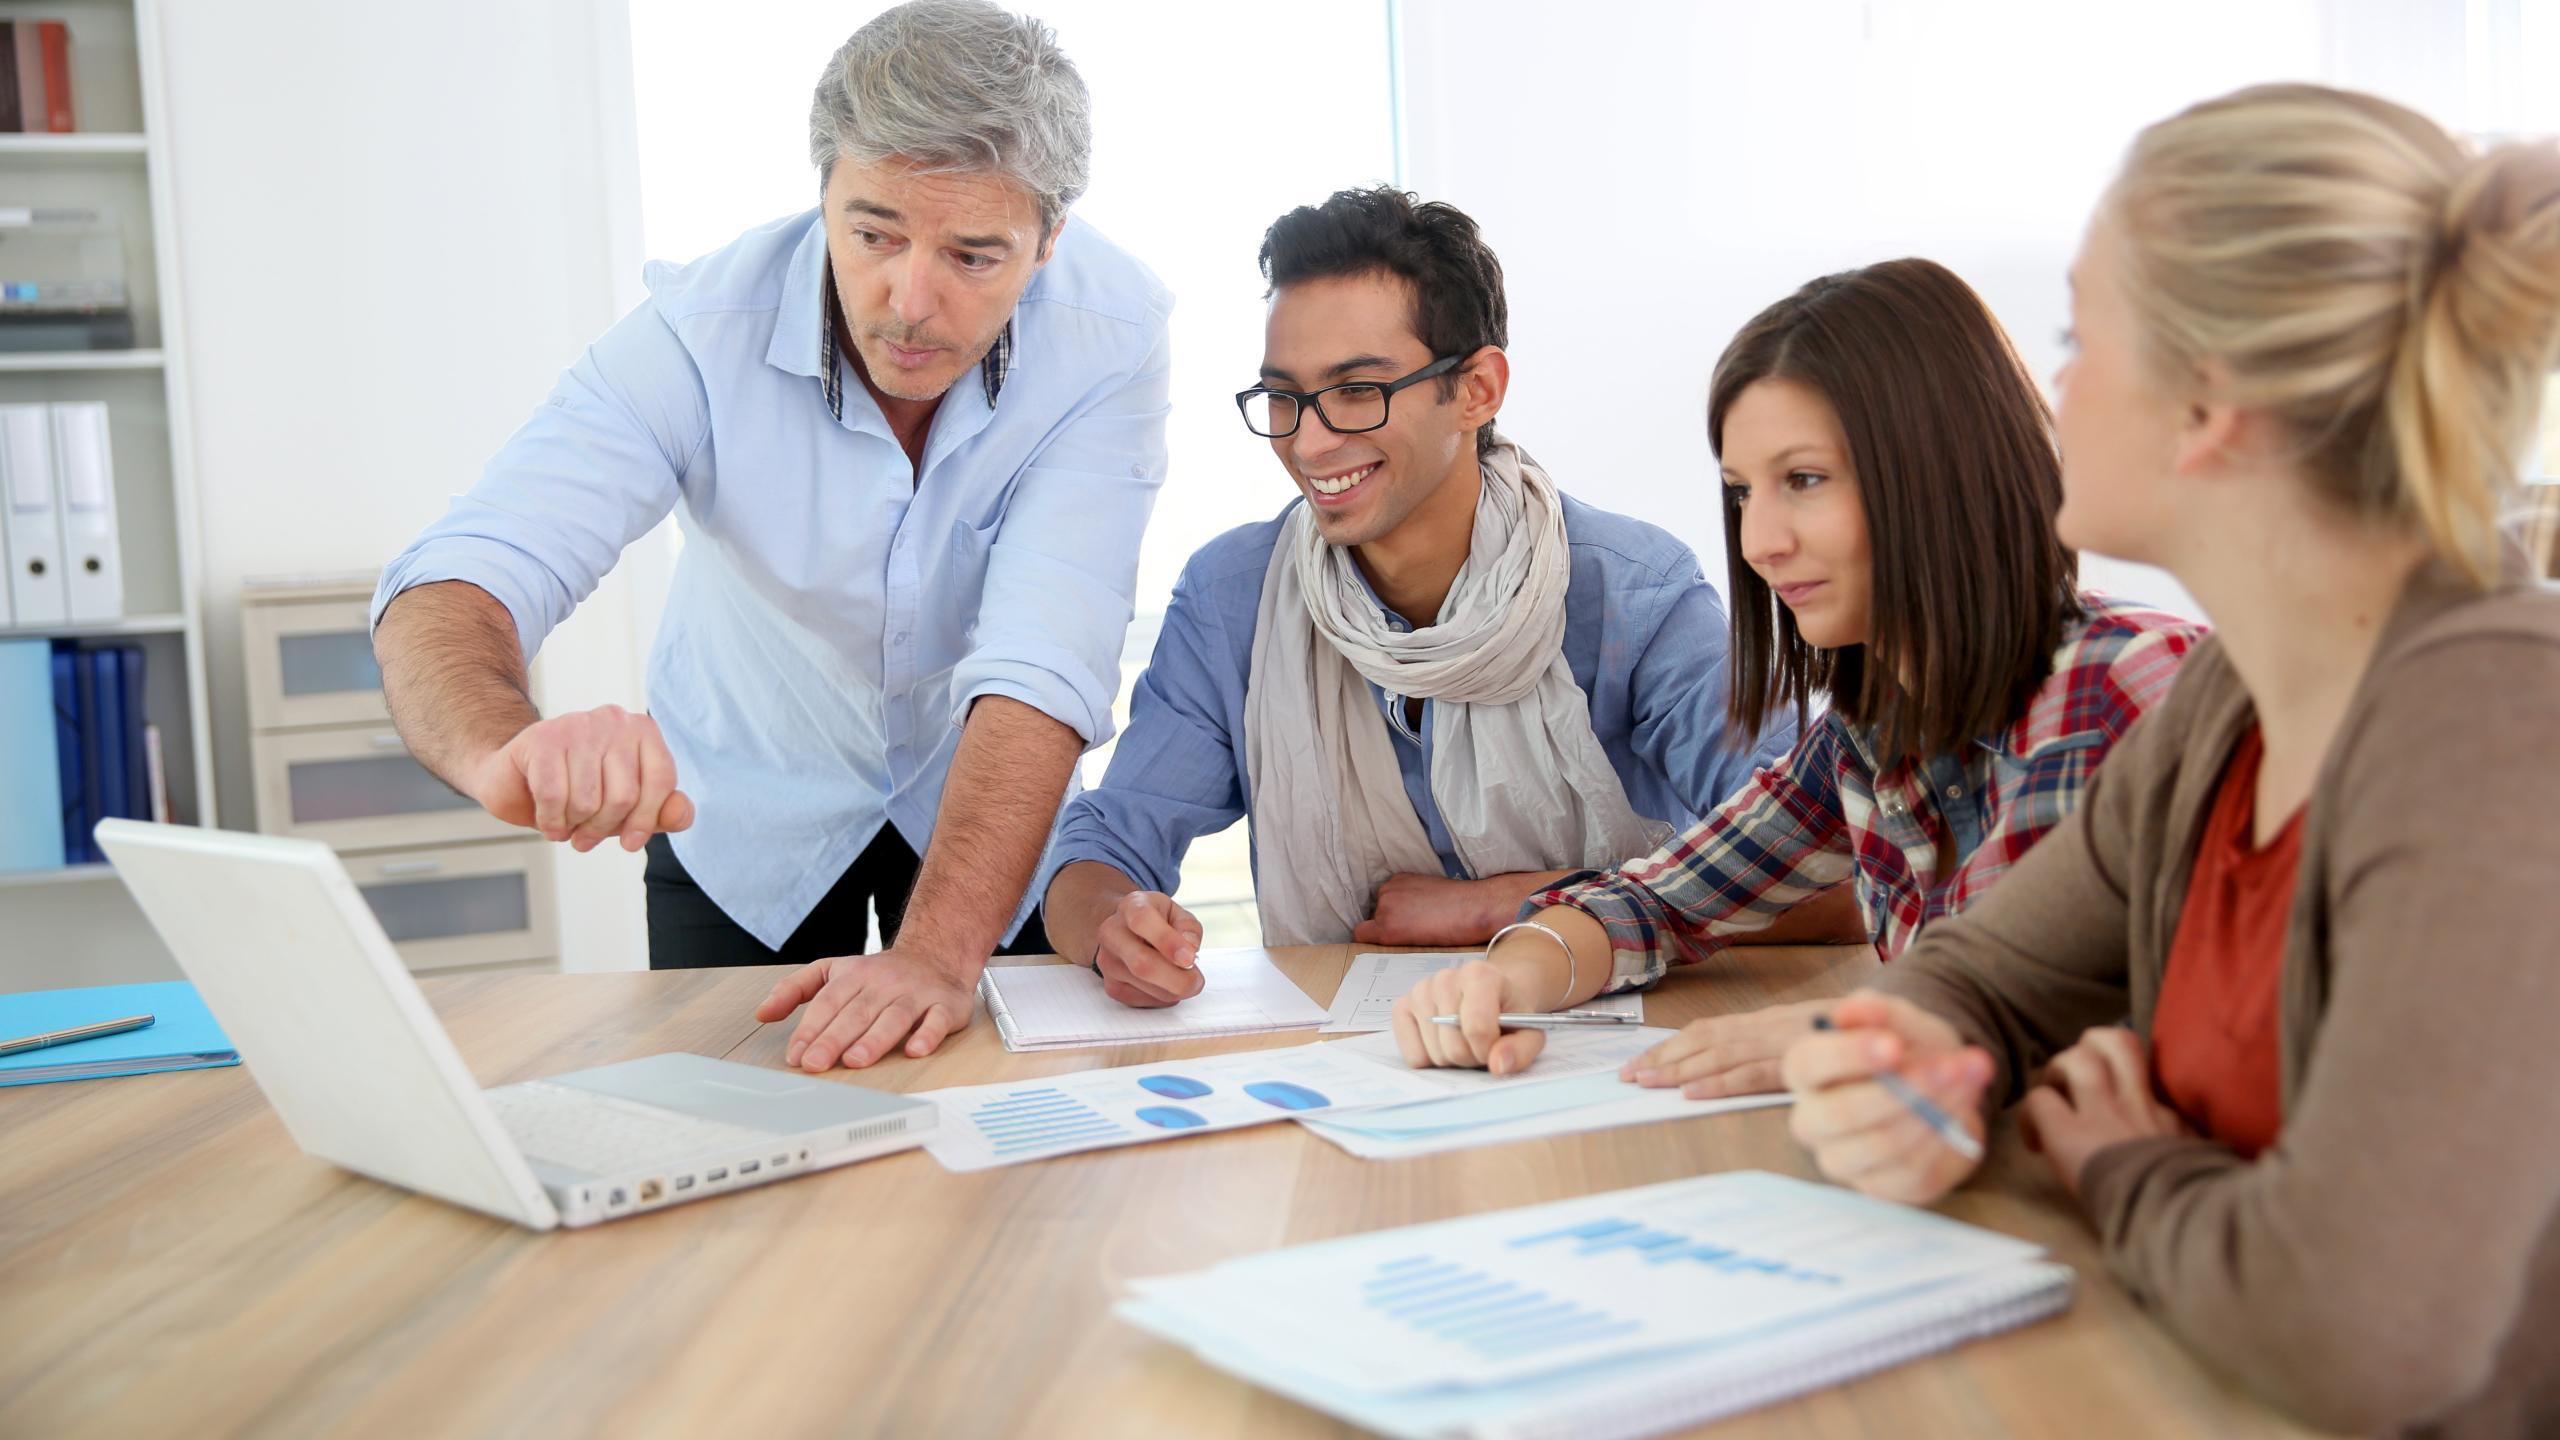 Аутсорсинг контент-маркетинга: как сделать партнерство успешным